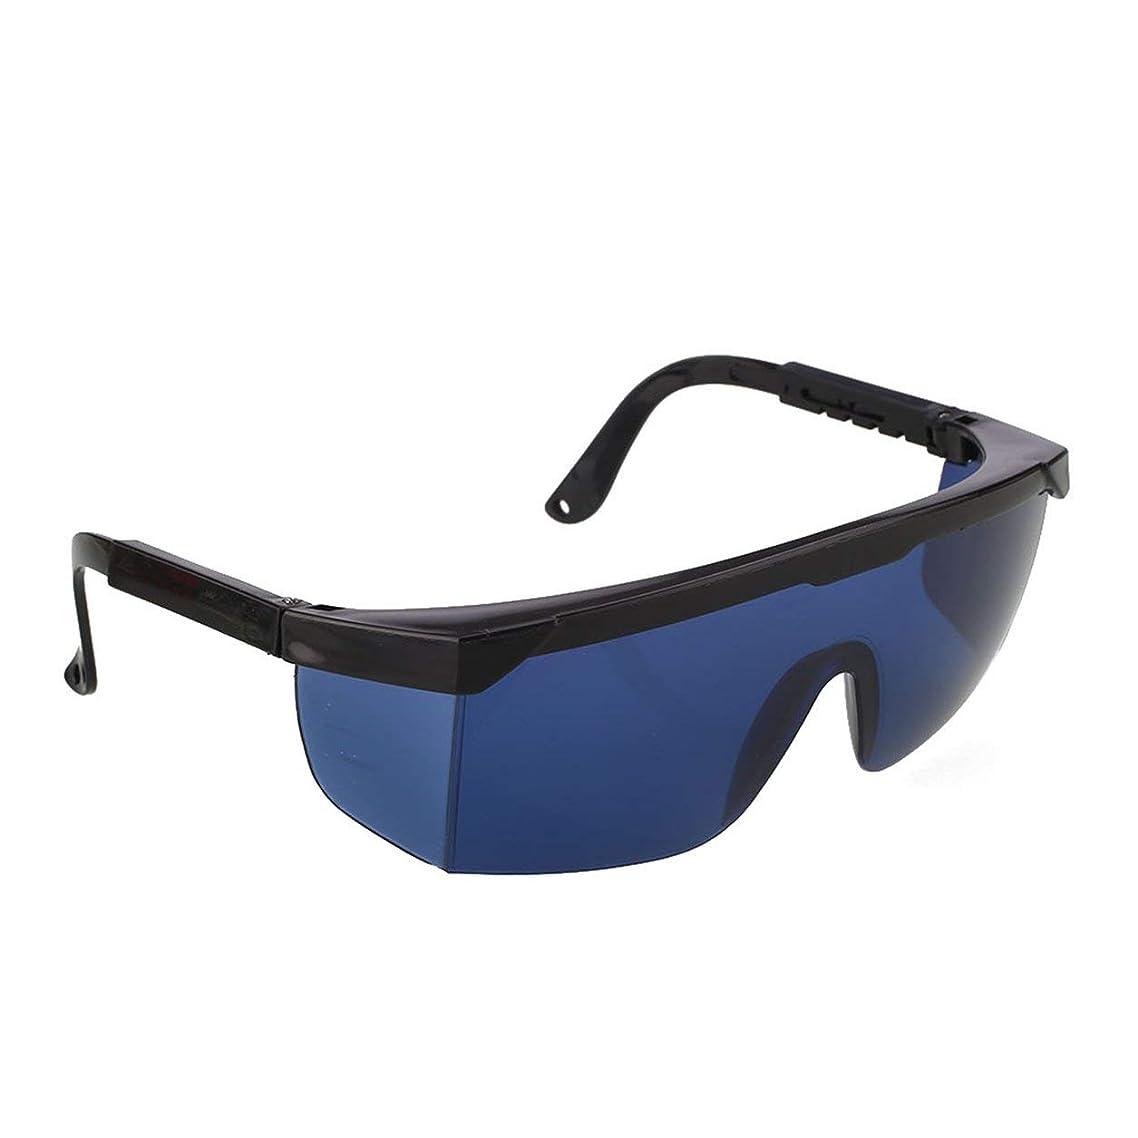 単独でタックル半円Saikogoods 除毛クリーム ポイント脱毛保護メガネユニバーサルゴーグル眼鏡を凍結IPL/E-光OPTのためのレーザー保護メガネ 青